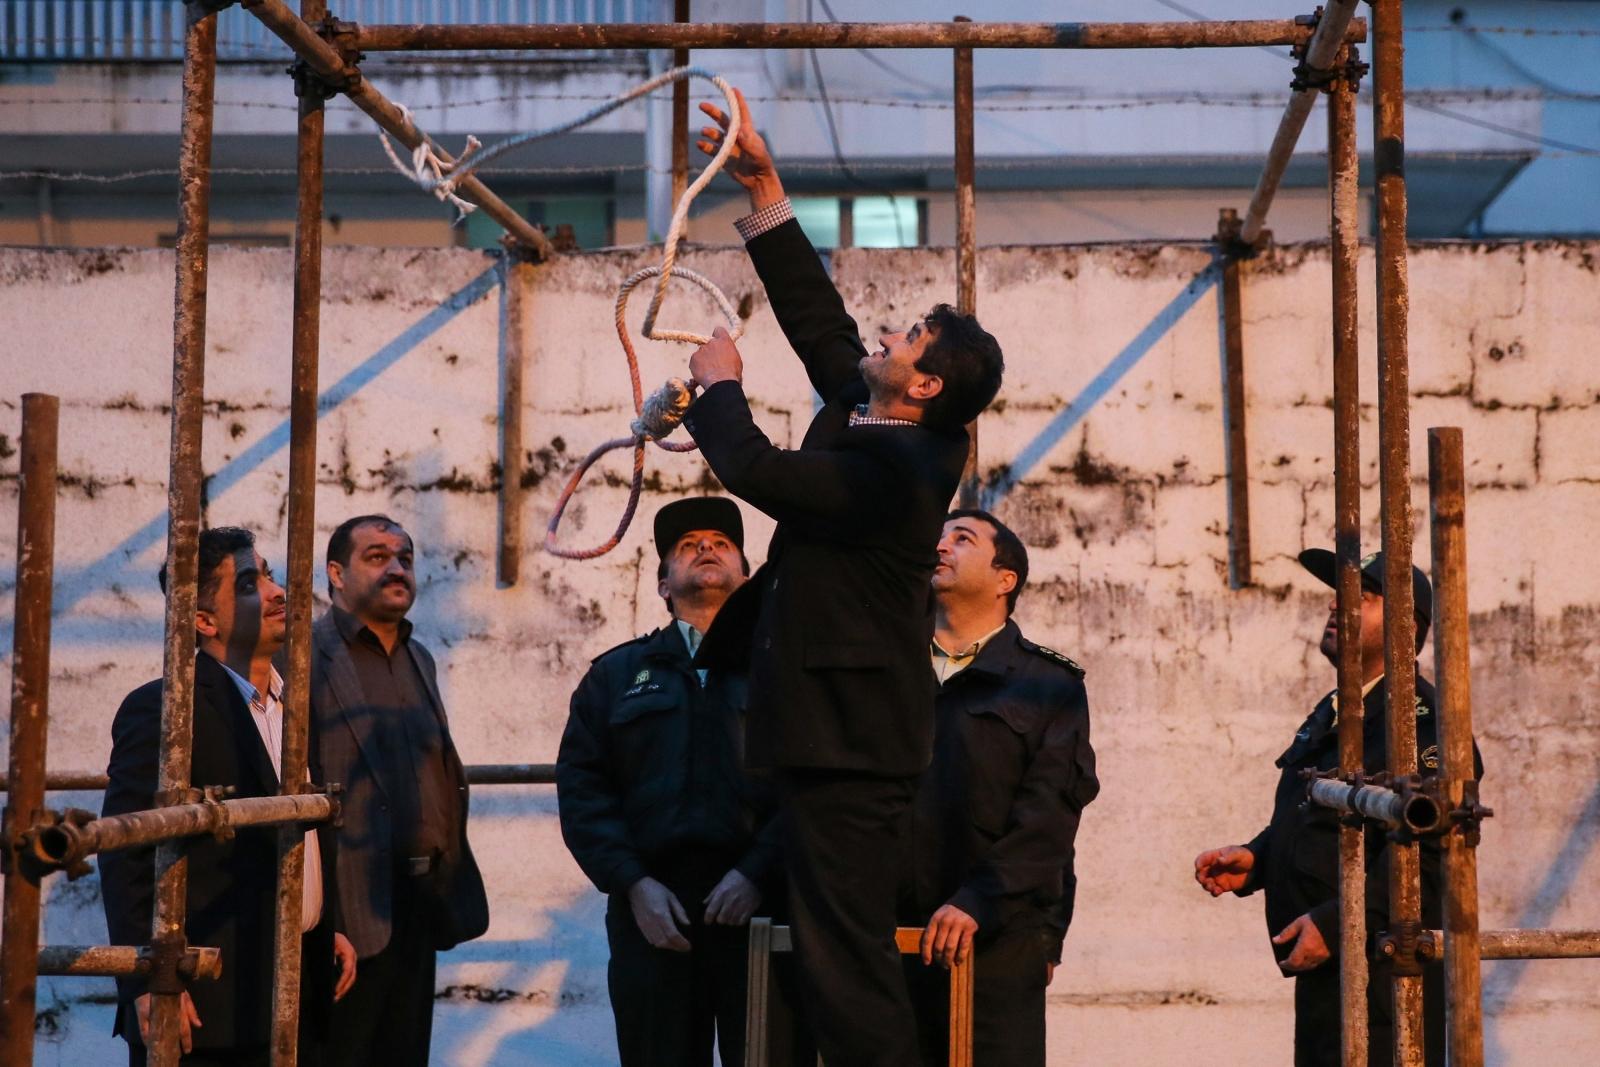 Iran execution